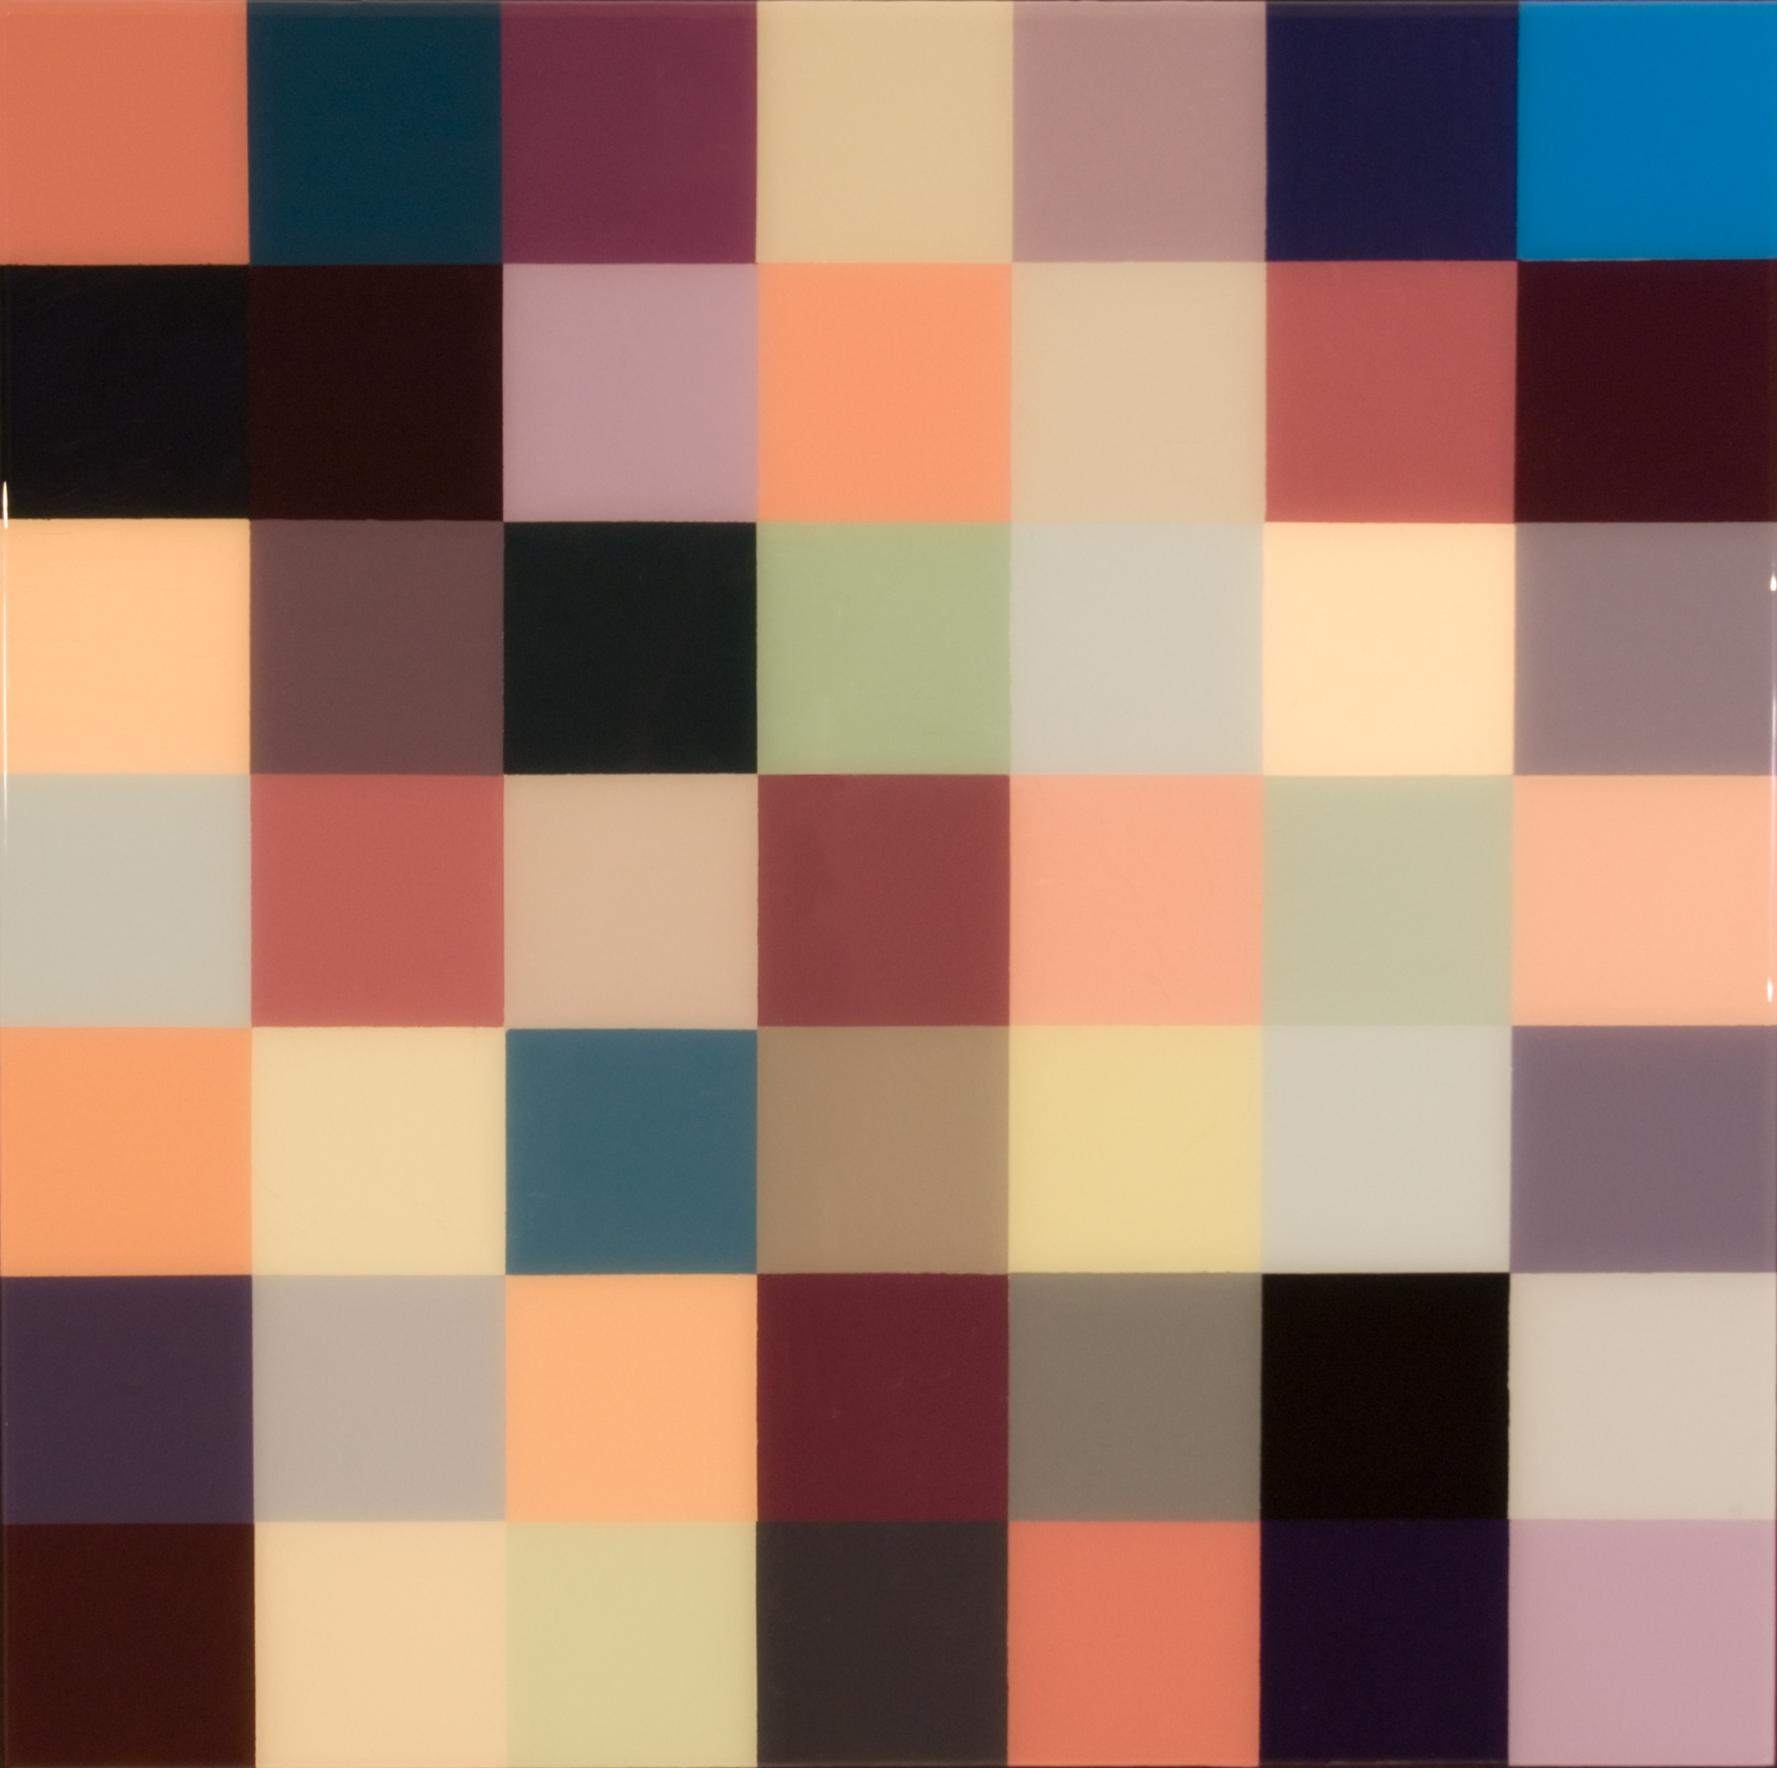 Mao_Reagan_color_study.jpg